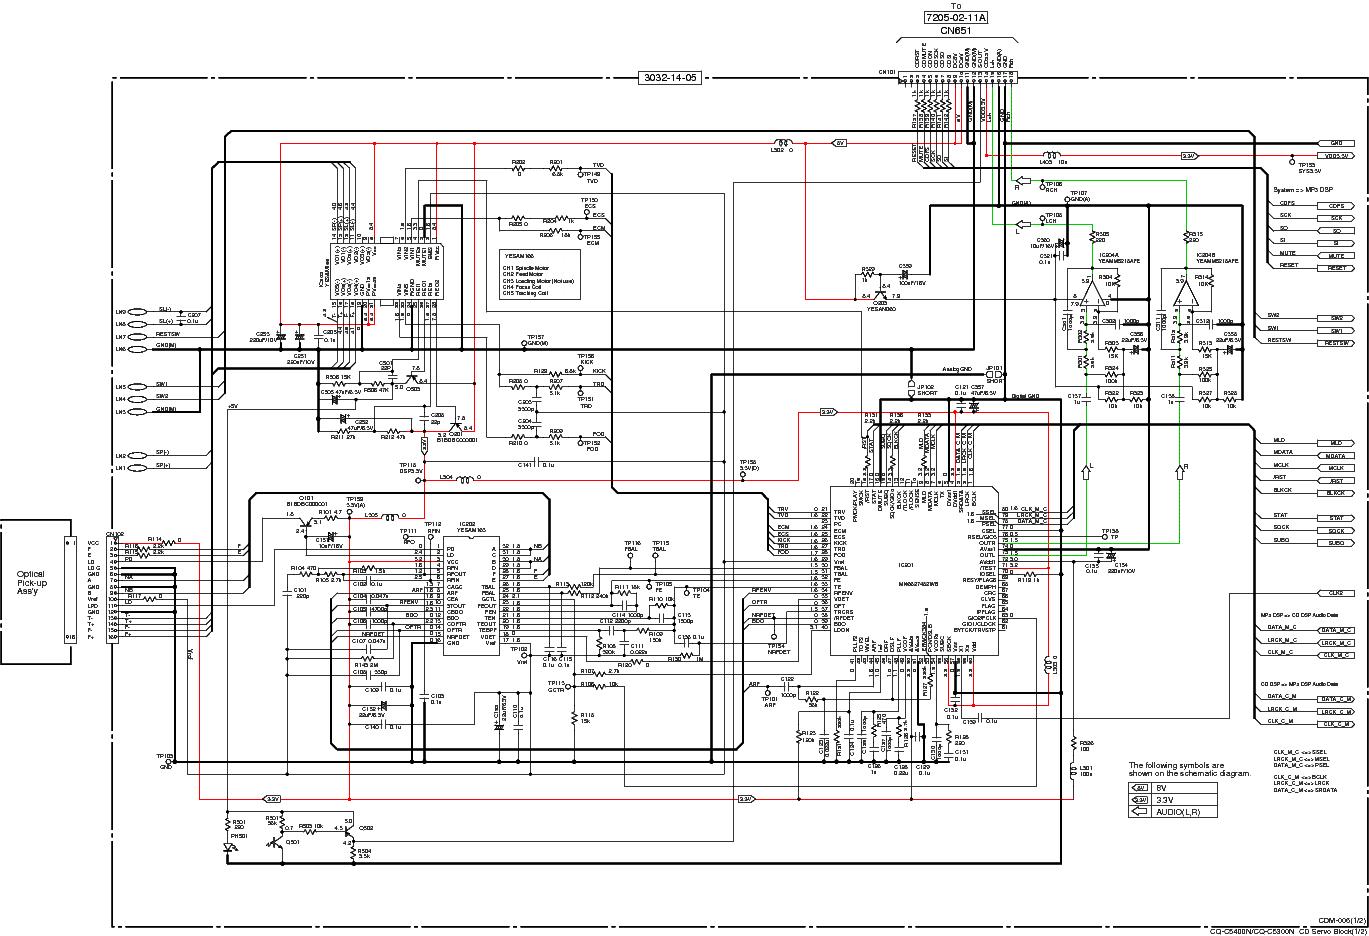 допустить автоплеер рм 778 электросхема температуры охлаждающей жидкости